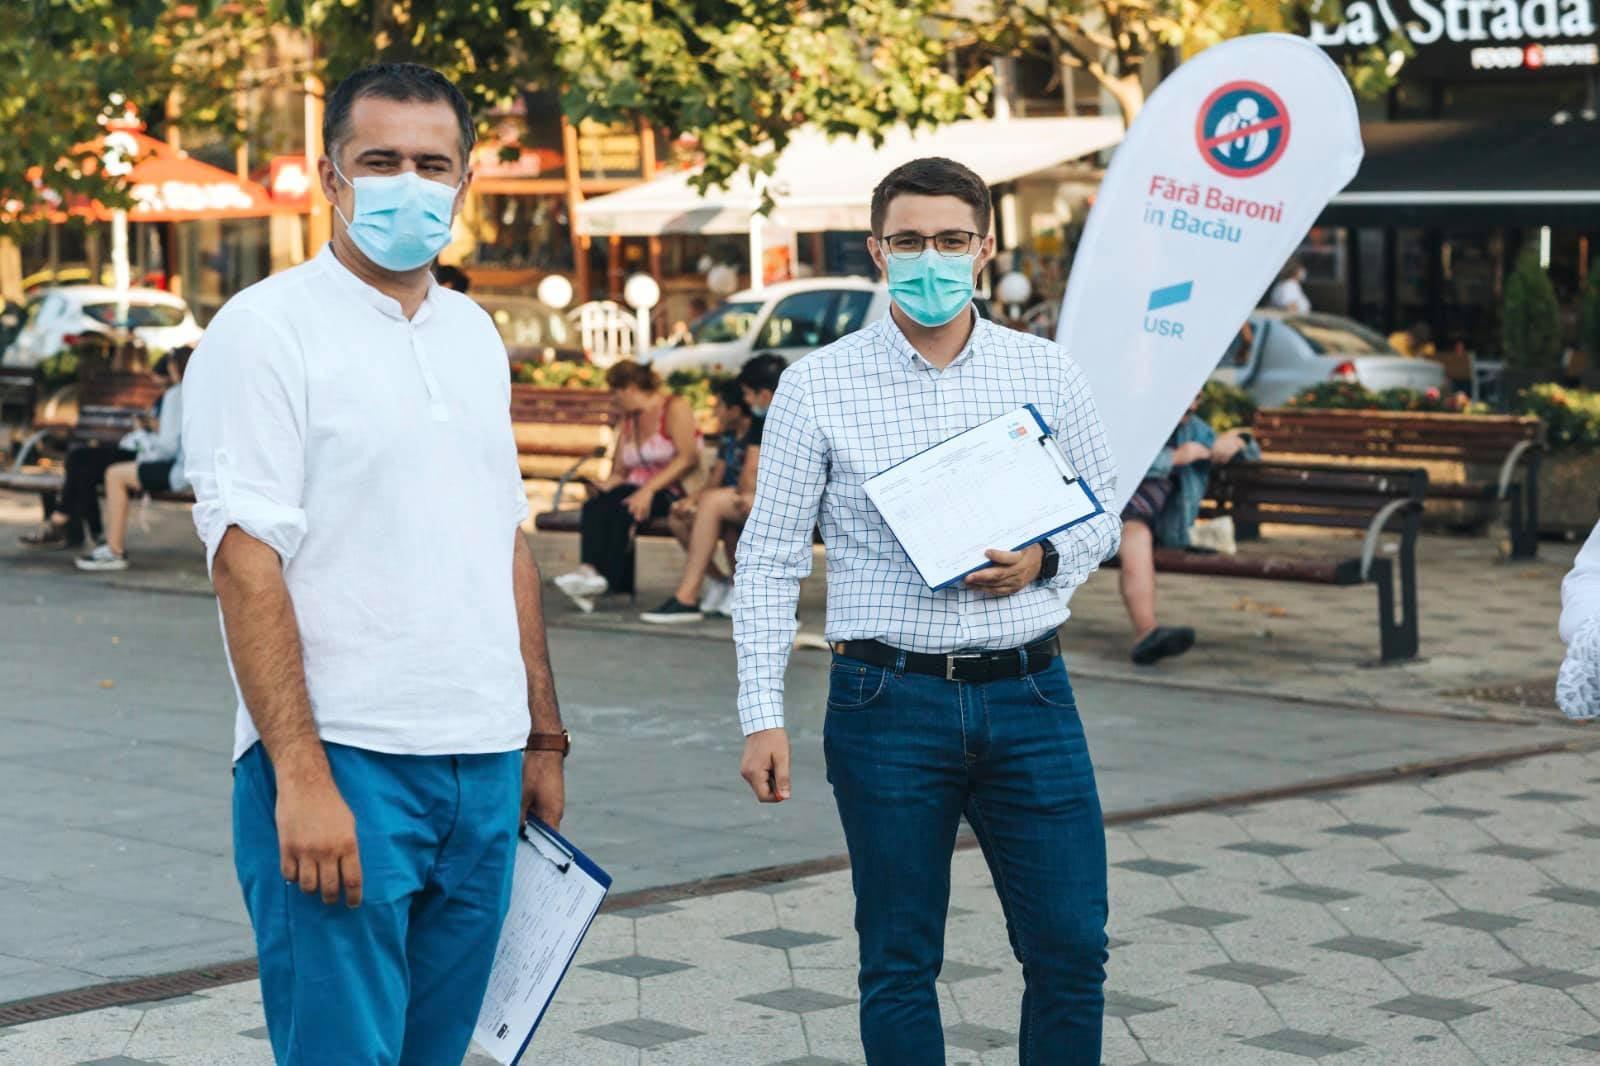 Primarul USR PLUS din Bacău l-a lăsat fără atribuții pe viceprimar, din același partid. Care ar fi motivul